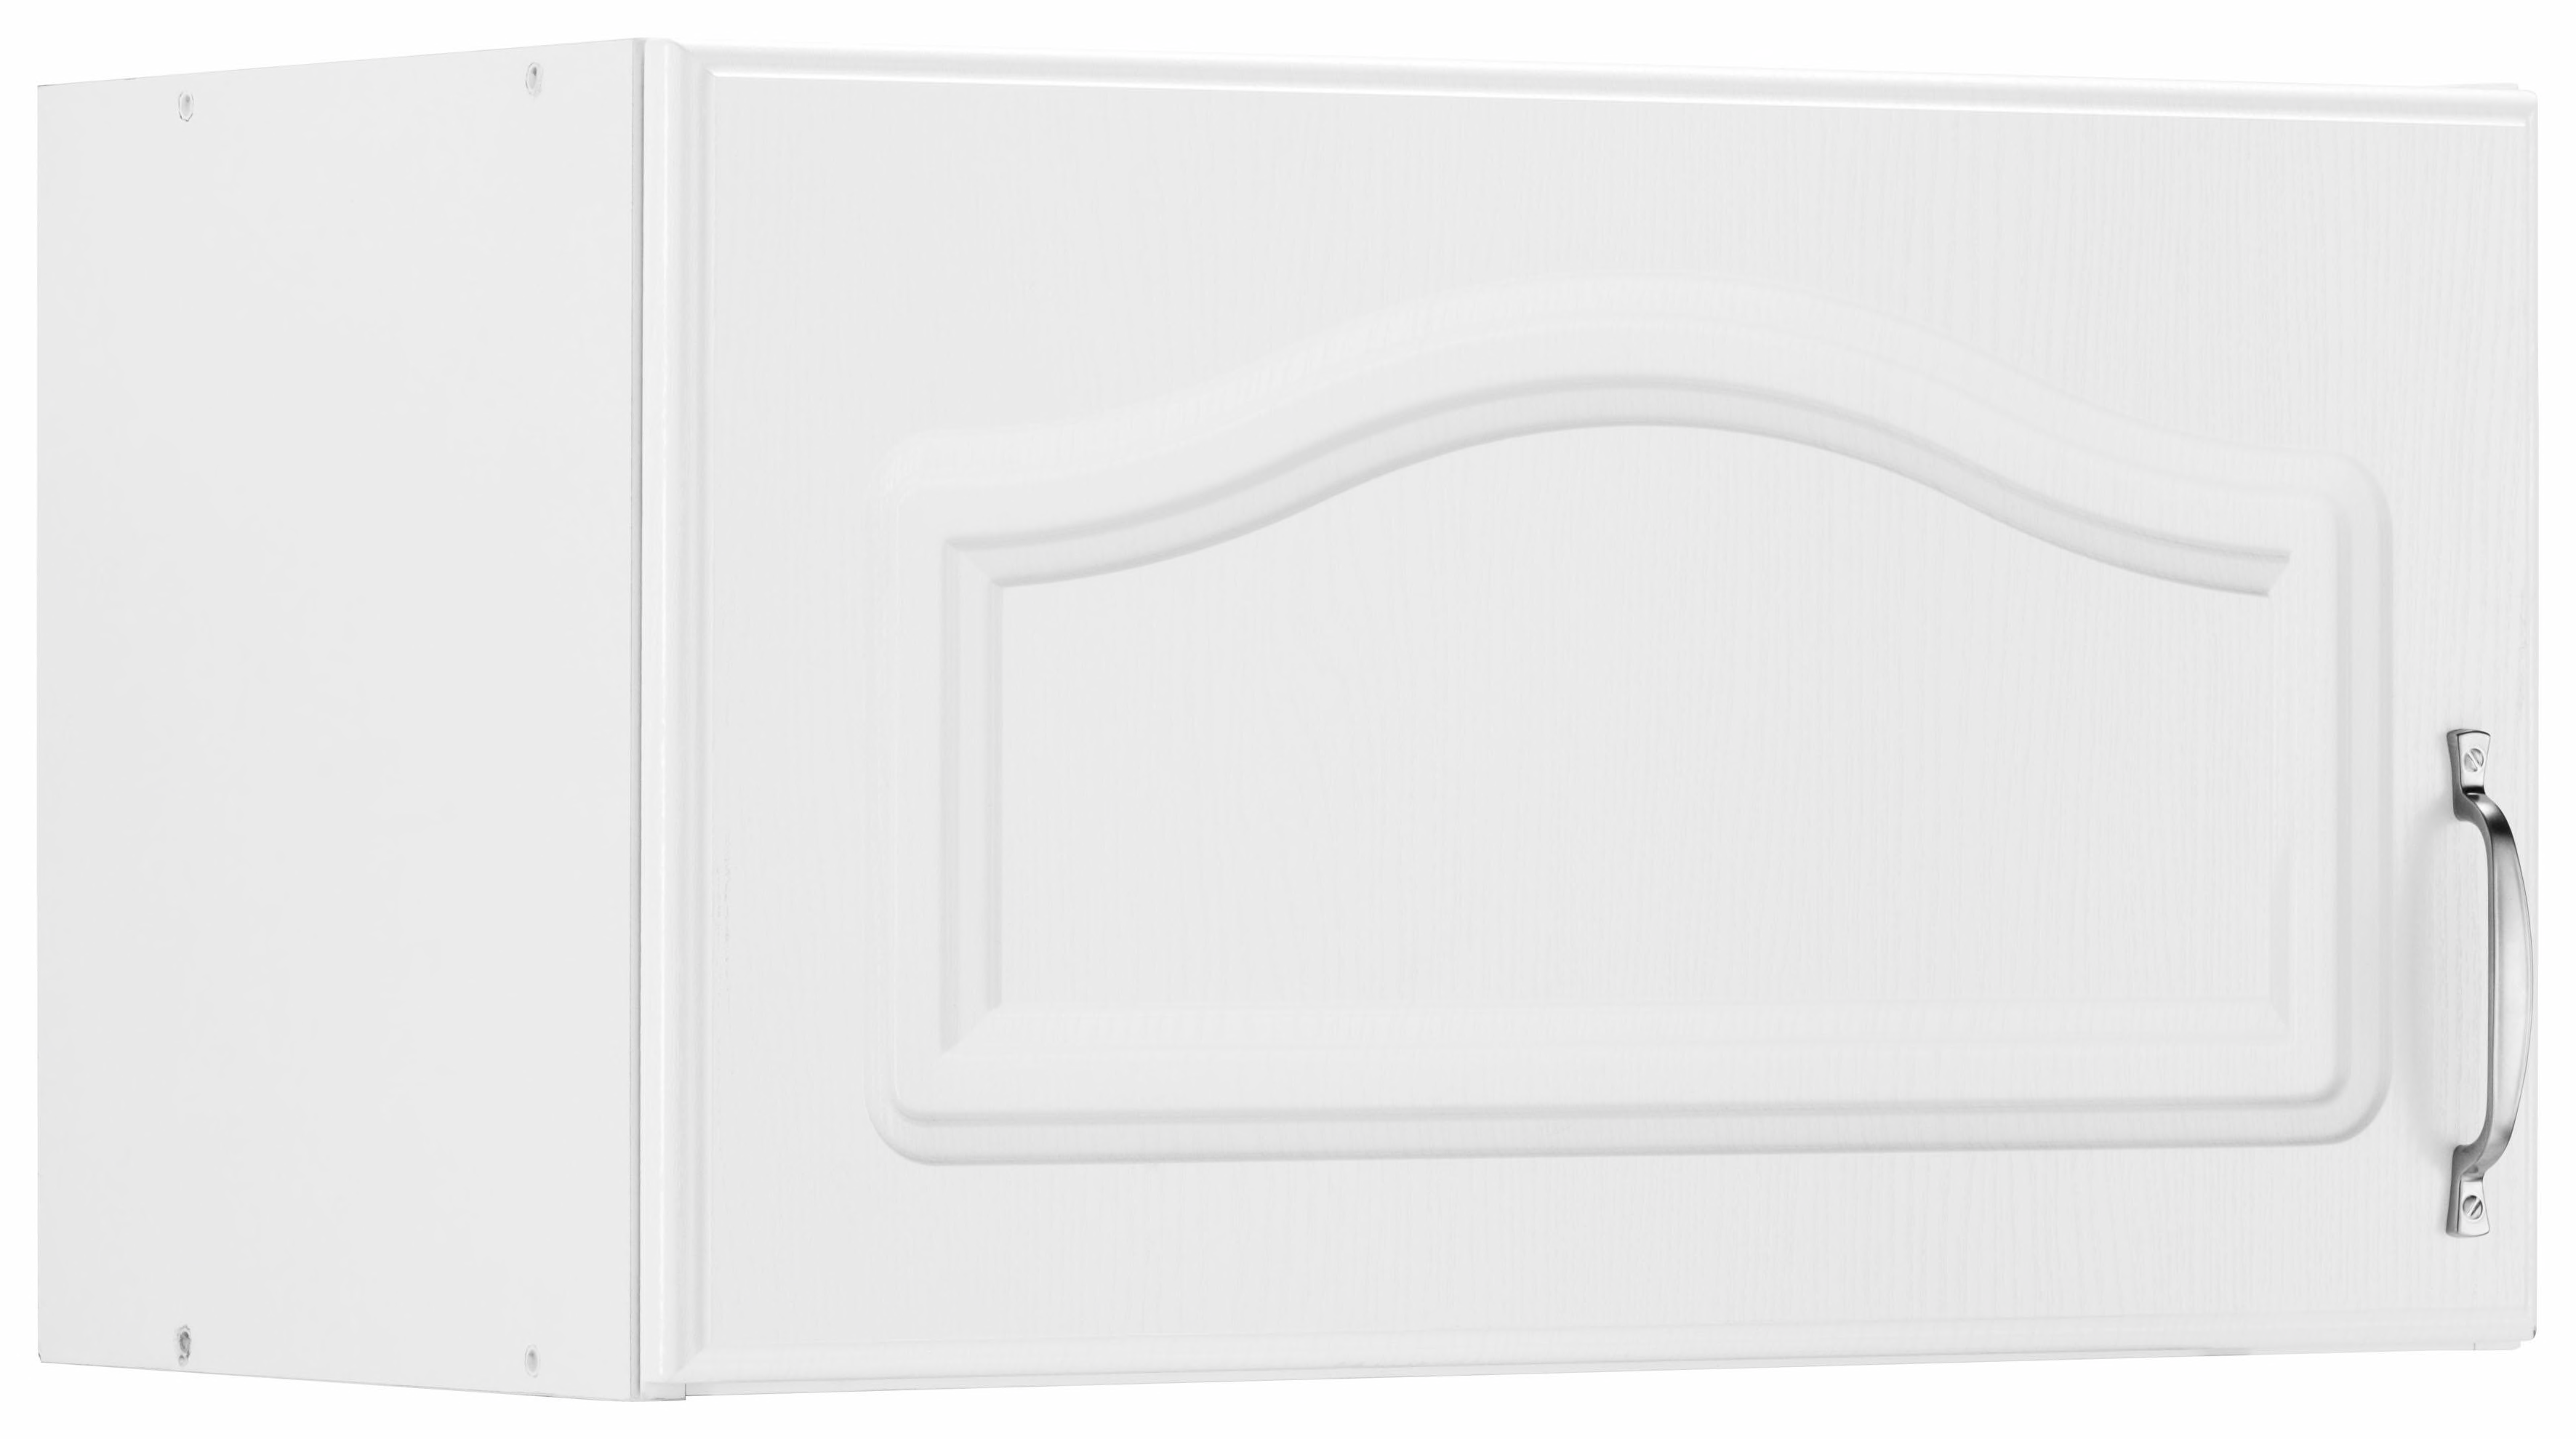 wiho Küchen Kurzhängeschrank Linz, 60 cm breit günstig online kaufen